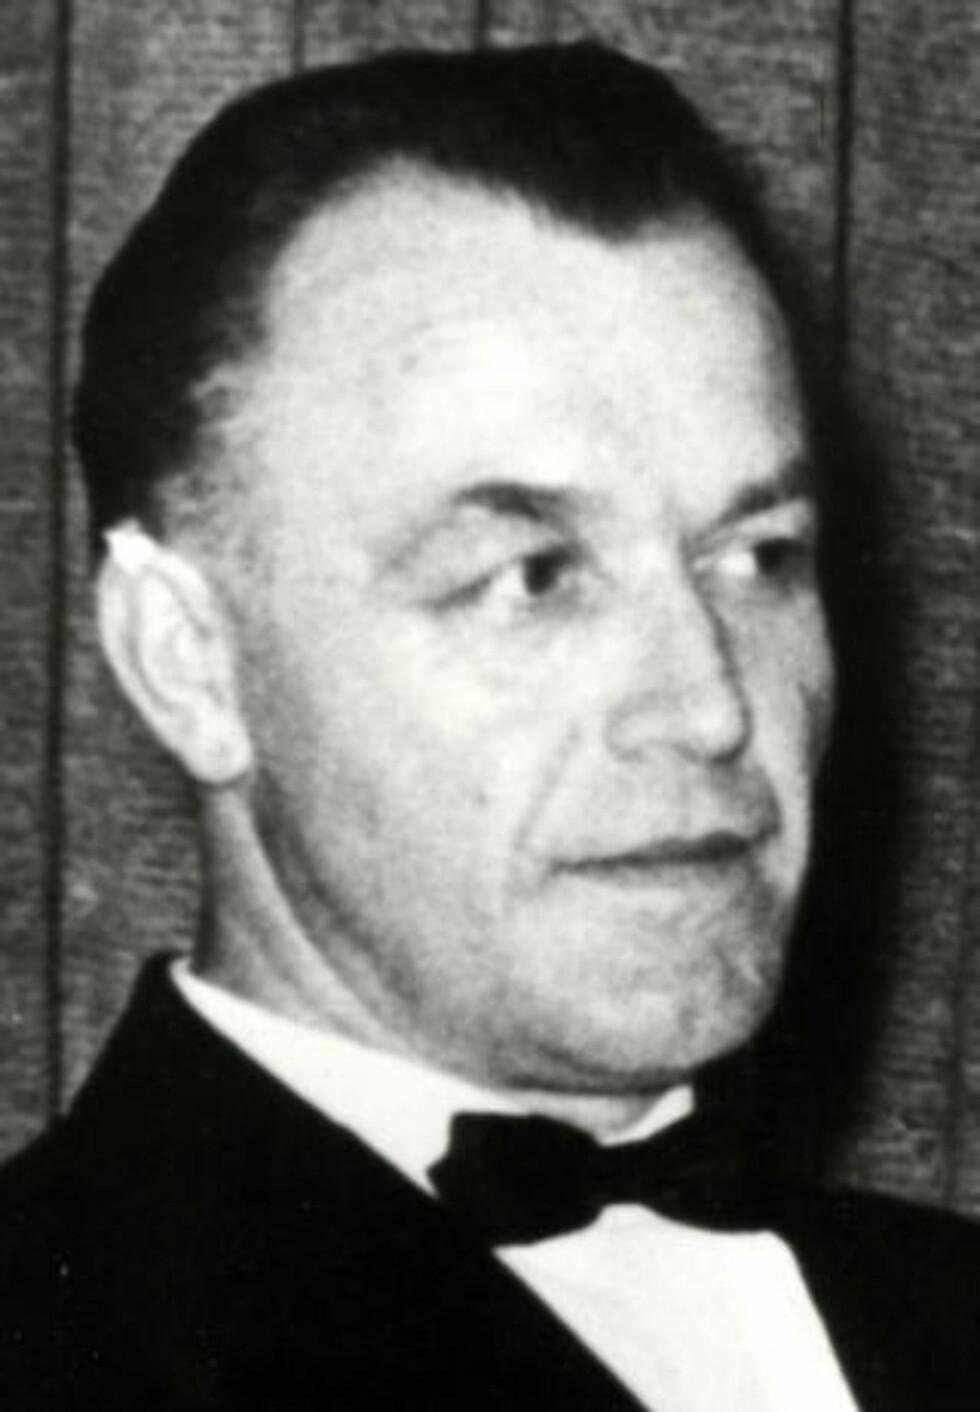 <strong>KRIGSFORBRYTER:</strong> Aribert Heim var lege på konsentrasjonsleiren Mathausen under andre verdenskrig og ettersøkt for krigsforbrytelser. Foto: Scanpix